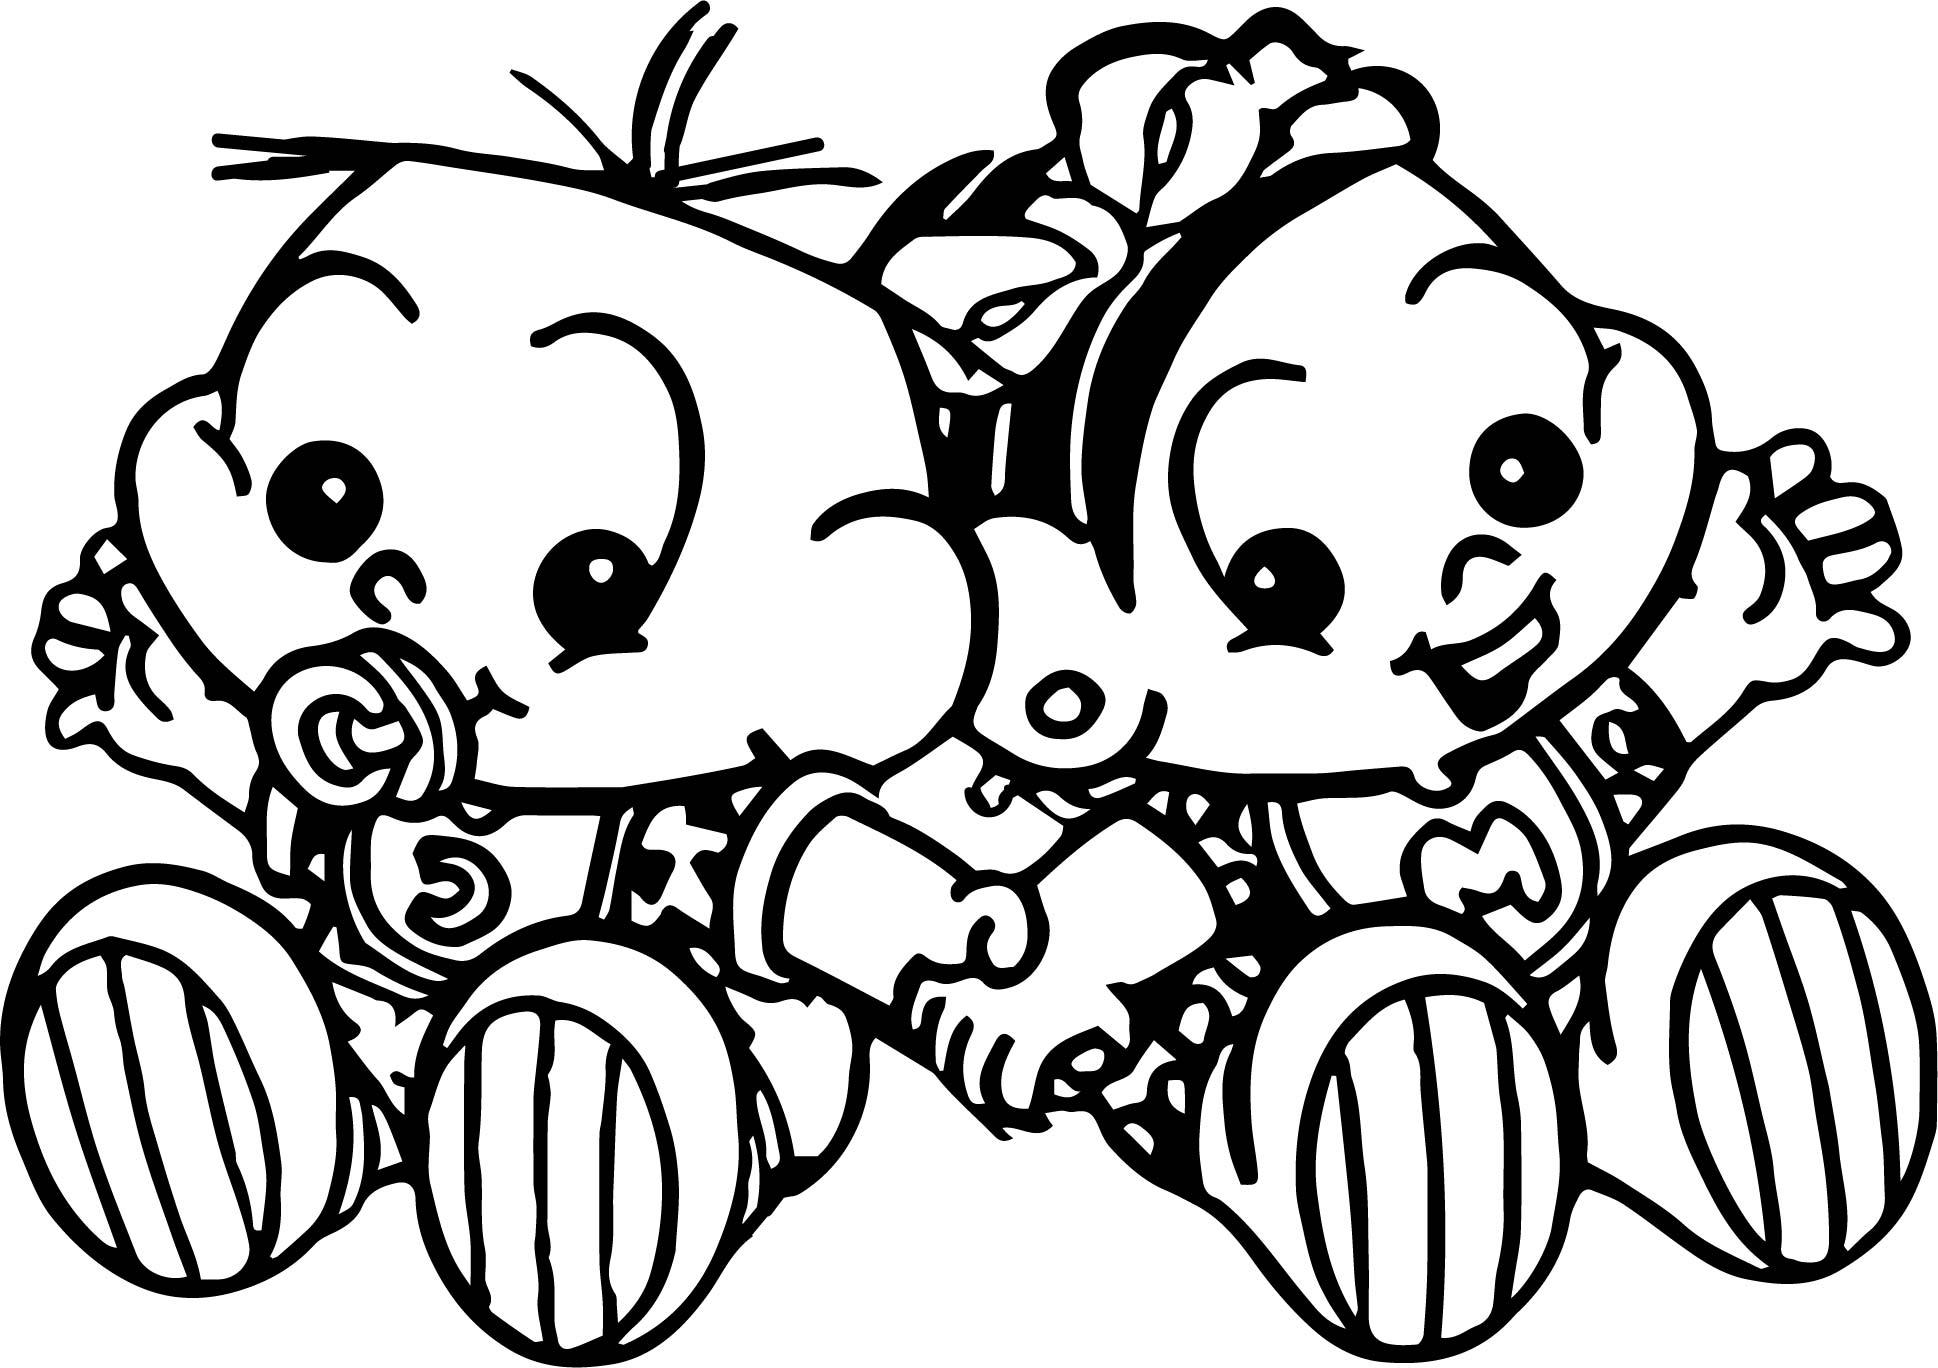 Invitation Turma Da Monica Baby Coloring Page Wecoloringpage